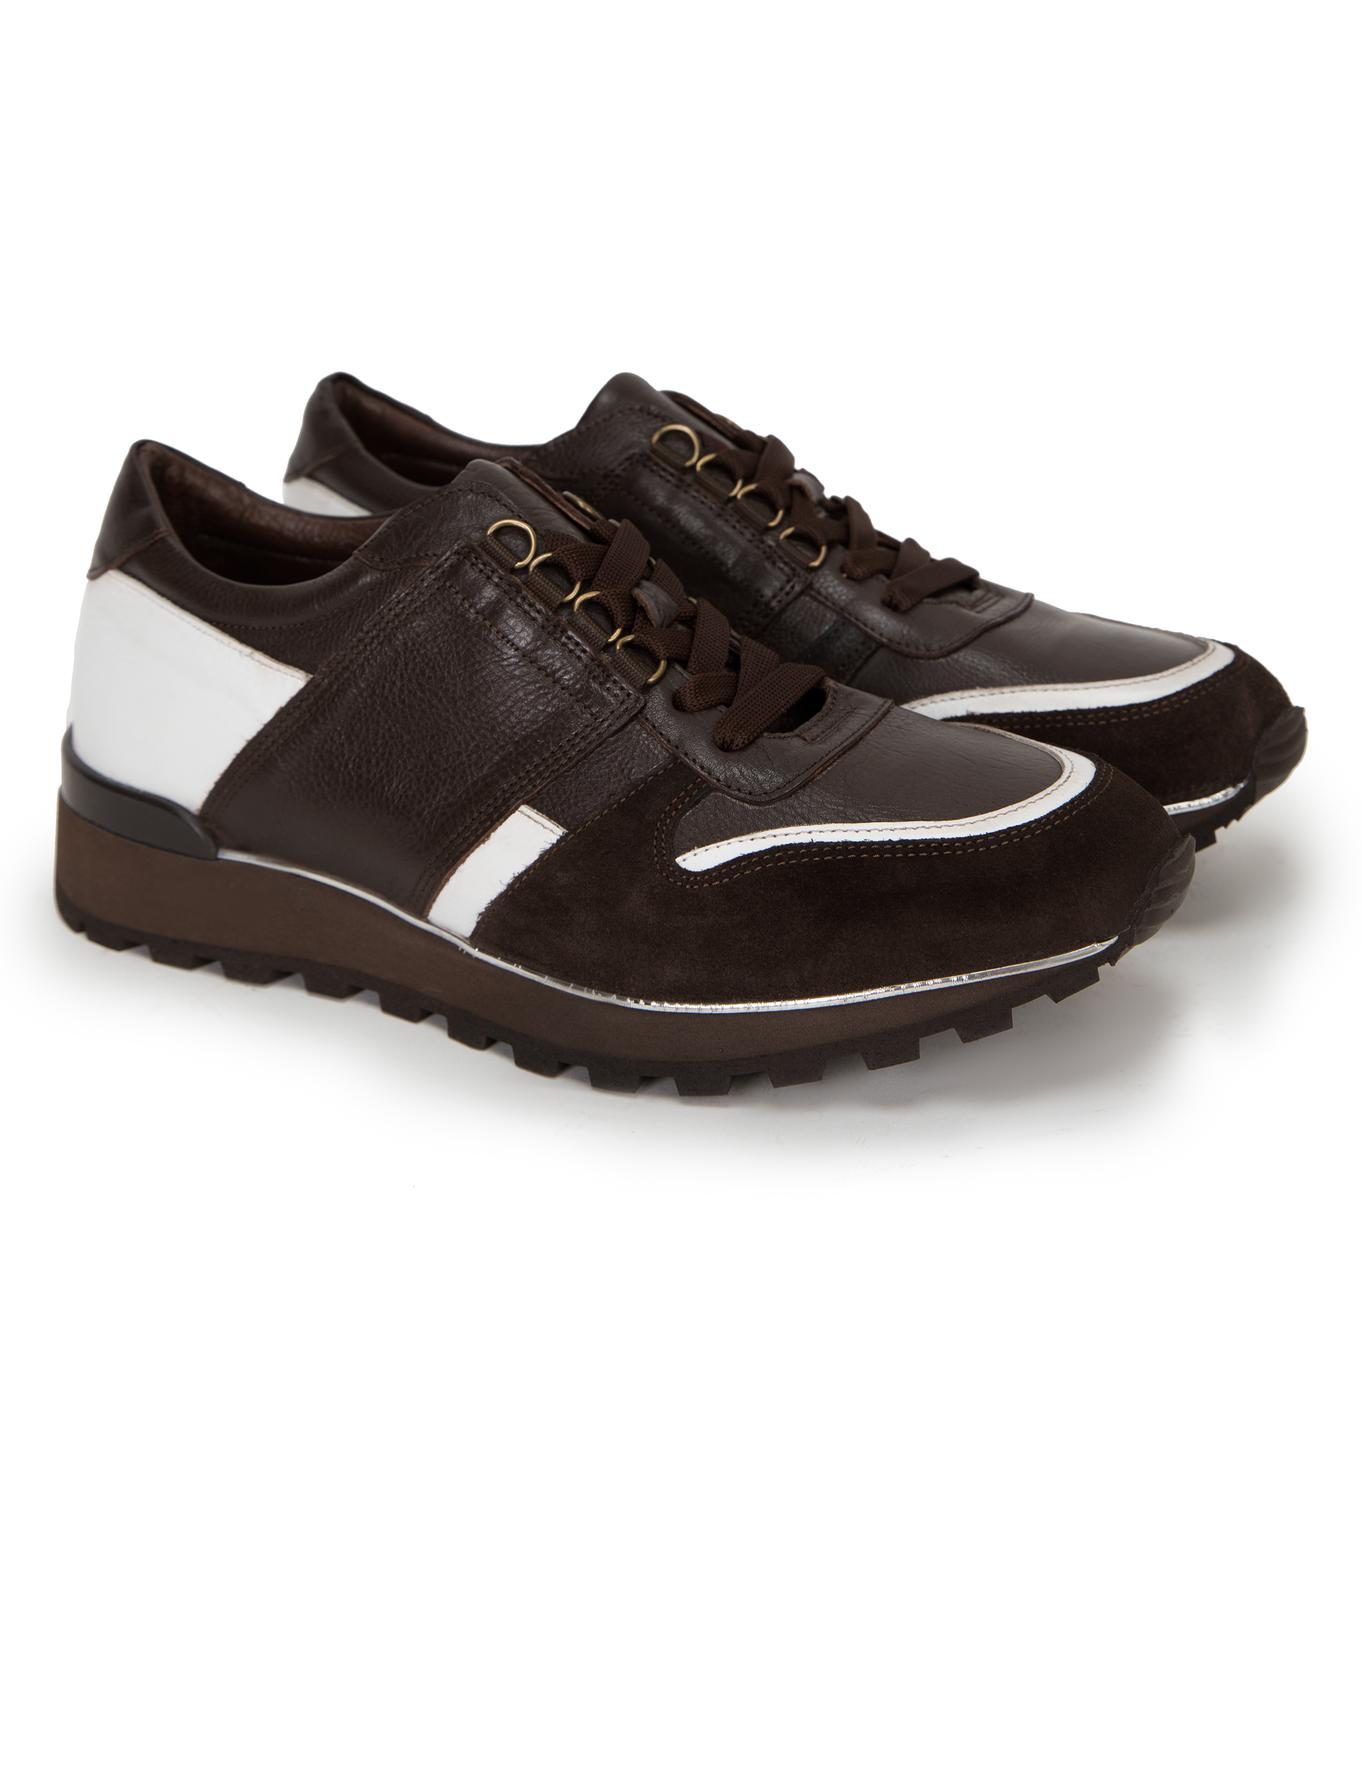 Kahverengi Klasik Ayakkabı - 50230187019